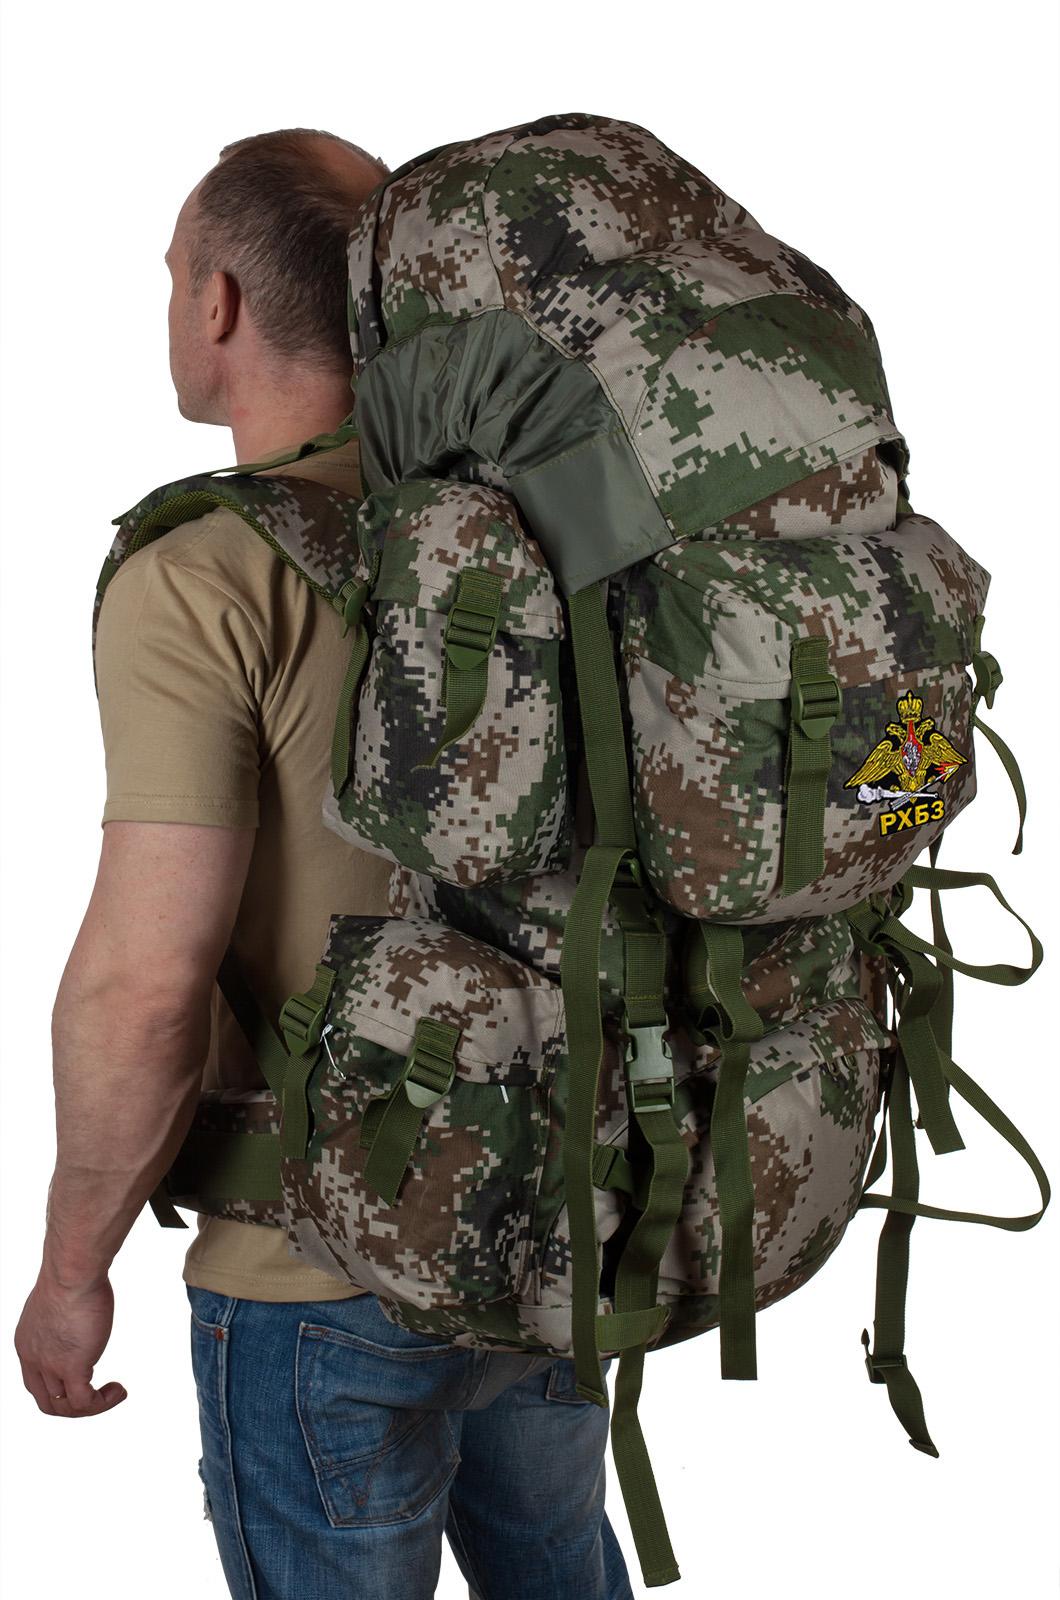 Камуфляжный надежный рюкзак с нашивкой РХБЗ - купить оптом